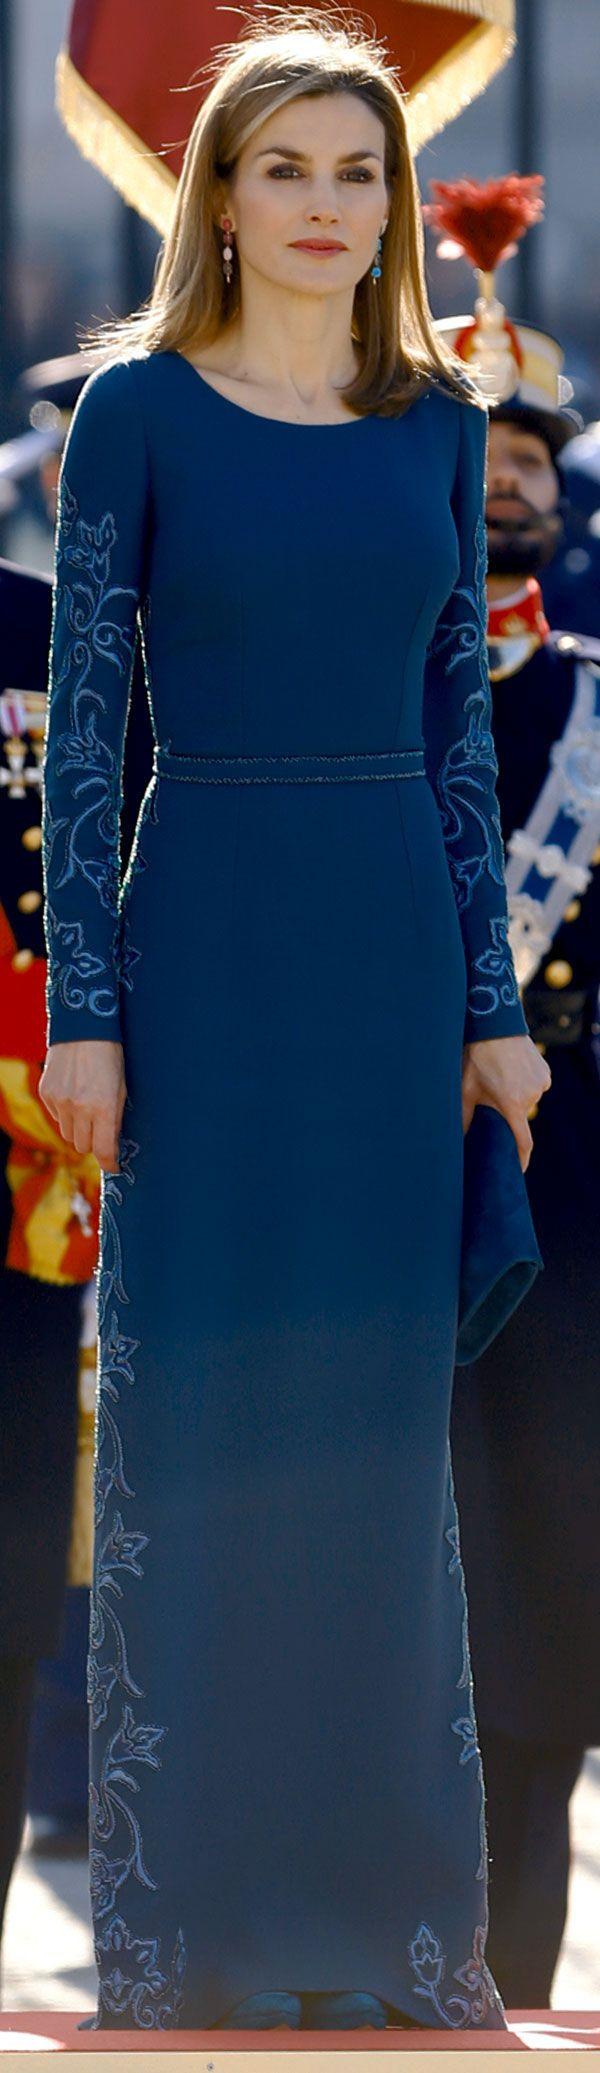 En su primera Pascula Militar como Reina, Letizia repitió el vestido de Felipe Varela que estenó el año padado para la Recepción al Cuerpo Diplomático